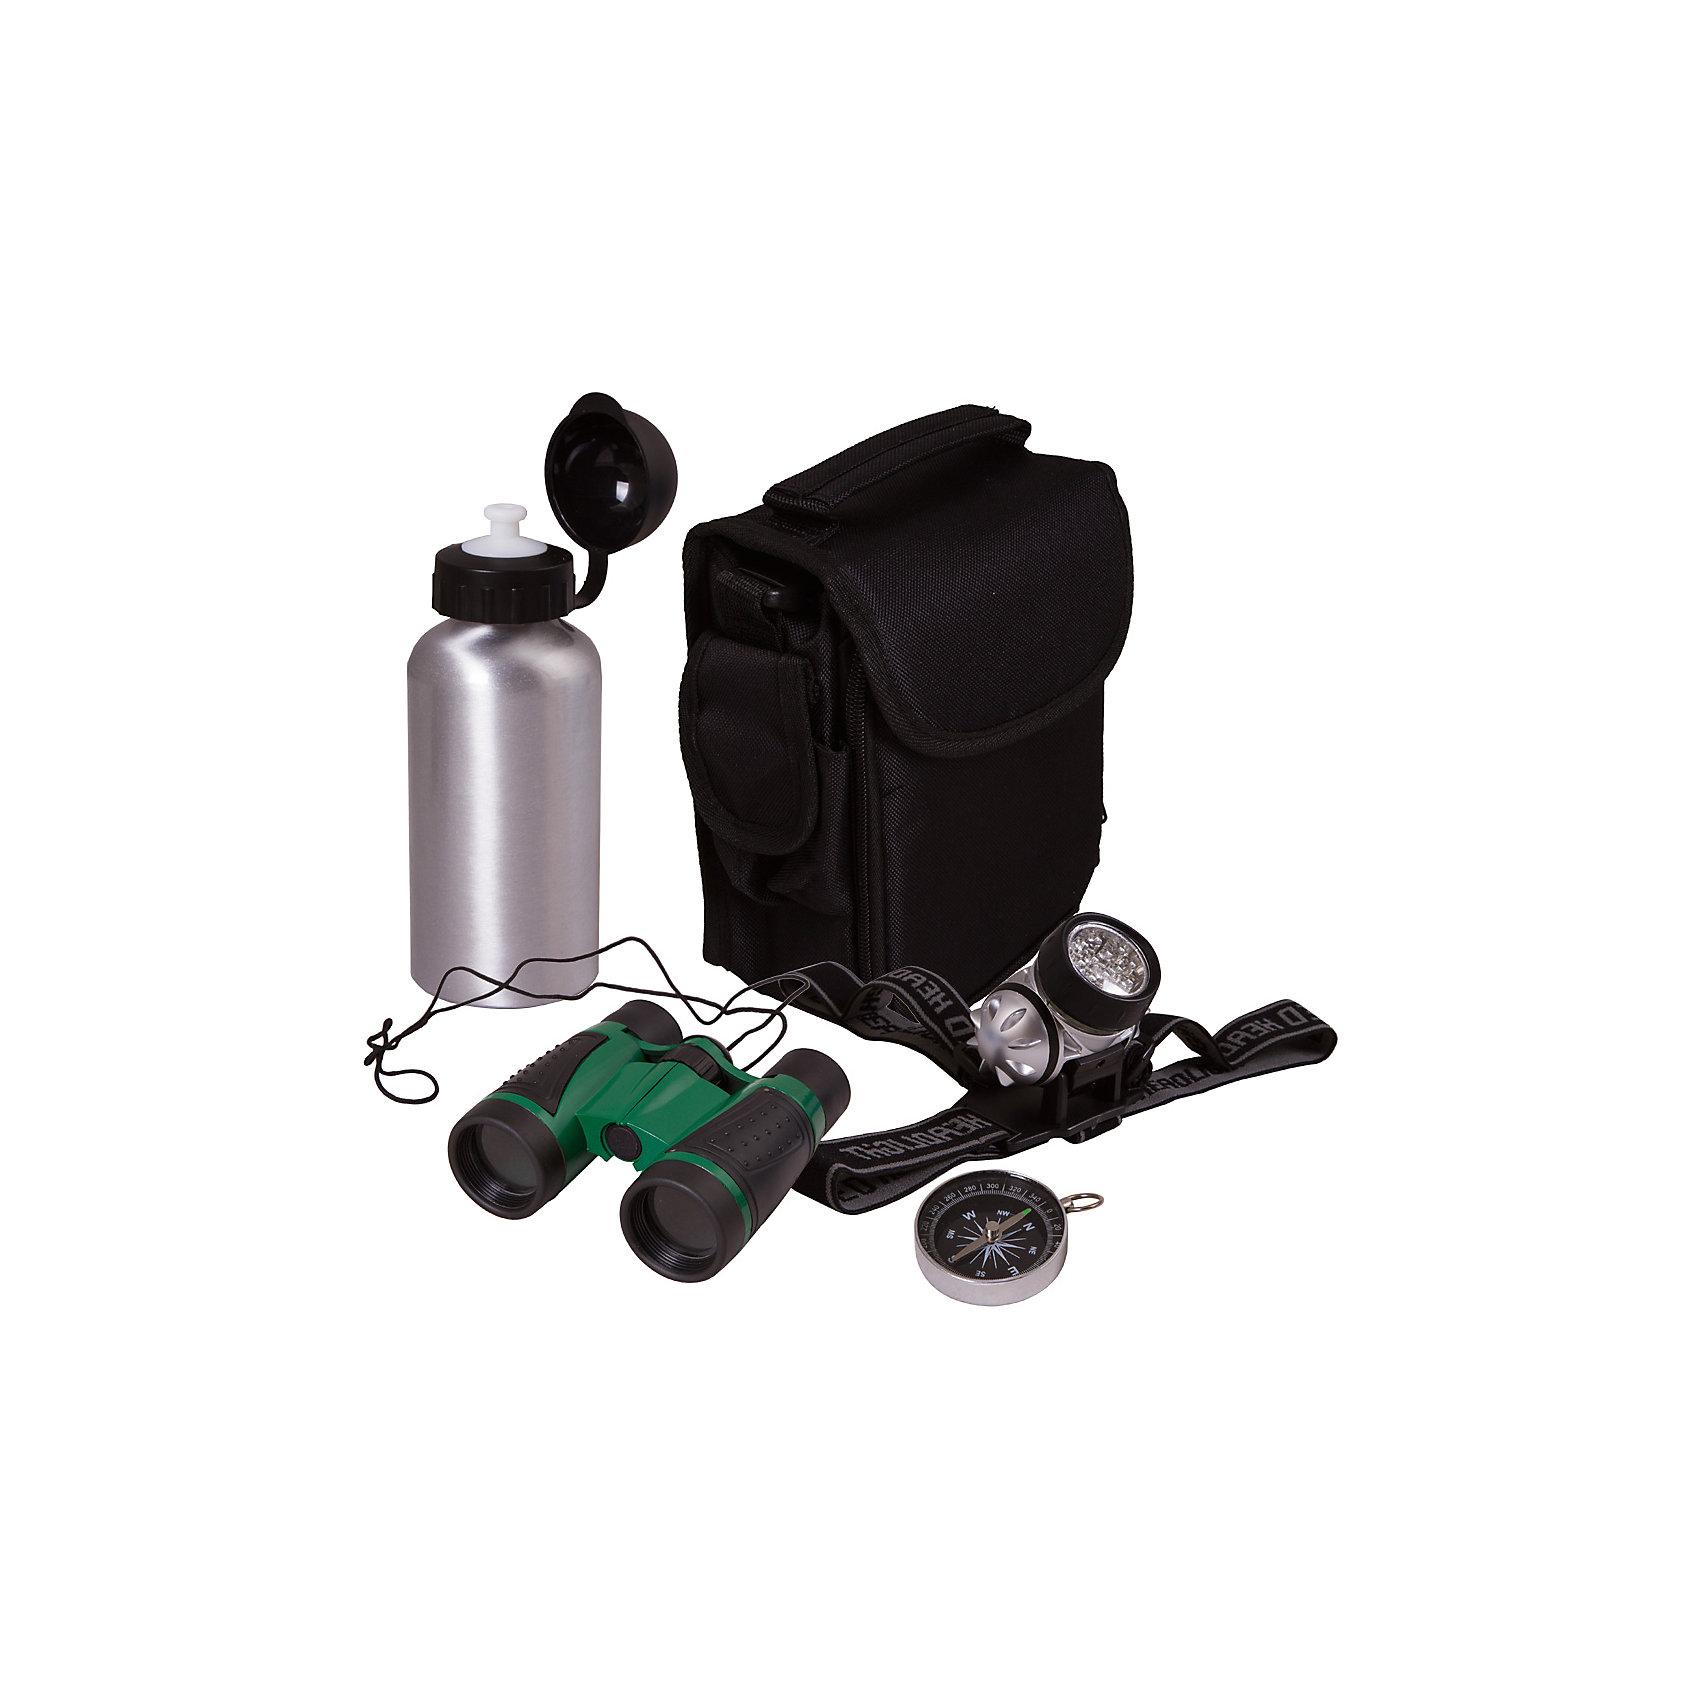 Набор исследователя Bresser Junior с биноклемДругие наборы<br>Характеристики товара:<br><br>• комплектация: бинокль 4x30, светодиодный налобный фонарь, мини-компас, алюминиевая бутылка для воды, нейлоновая сумка, инструкция<br>• бинокль с четырехкратным увеличением и центральной фокусировкой<br>• бутылка для воды на 400 мл<br>• сумка с множеством отделений<br>• компас на шнурке<br>• страна бренда: Германия<br><br>В этом наборе есть всё необходимое, чтобы отправиться в путешествие или исследование! Собственный набор из таких предметов - это отличный способ заинтересовать ребенка туризмом или наукой и привить ему интерес к учебе. Этот комплект был разработана специально для детей - он позволяет не потеряться на природе и иметь при себе всё необходимое. Благодаря стильному дизайну он впечатляюще смотрится!<br><br>Оптические приборы от немецкой компании Bresser уже успели зарекомендовать себя как качественная и надежная продукция. Для их производства используются только безопасные и проверенные материалы. Такой прибор способен прослужить долго. Подарите ребенку интересную и полезную вещь!<br><br>Набор исследователя Bresser Junior с биноклем от известного бренда Bresser (Брессер) можно купить в нашем интернет-магазине.<br><br>Ширина мм: 215<br>Глубина мм: 210<br>Высота мм: 85<br>Вес г: 610<br>Возраст от месяцев: 60<br>Возраст до месяцев: 2147483647<br>Пол: Унисекс<br>Возраст: Детский<br>SKU: 5435318